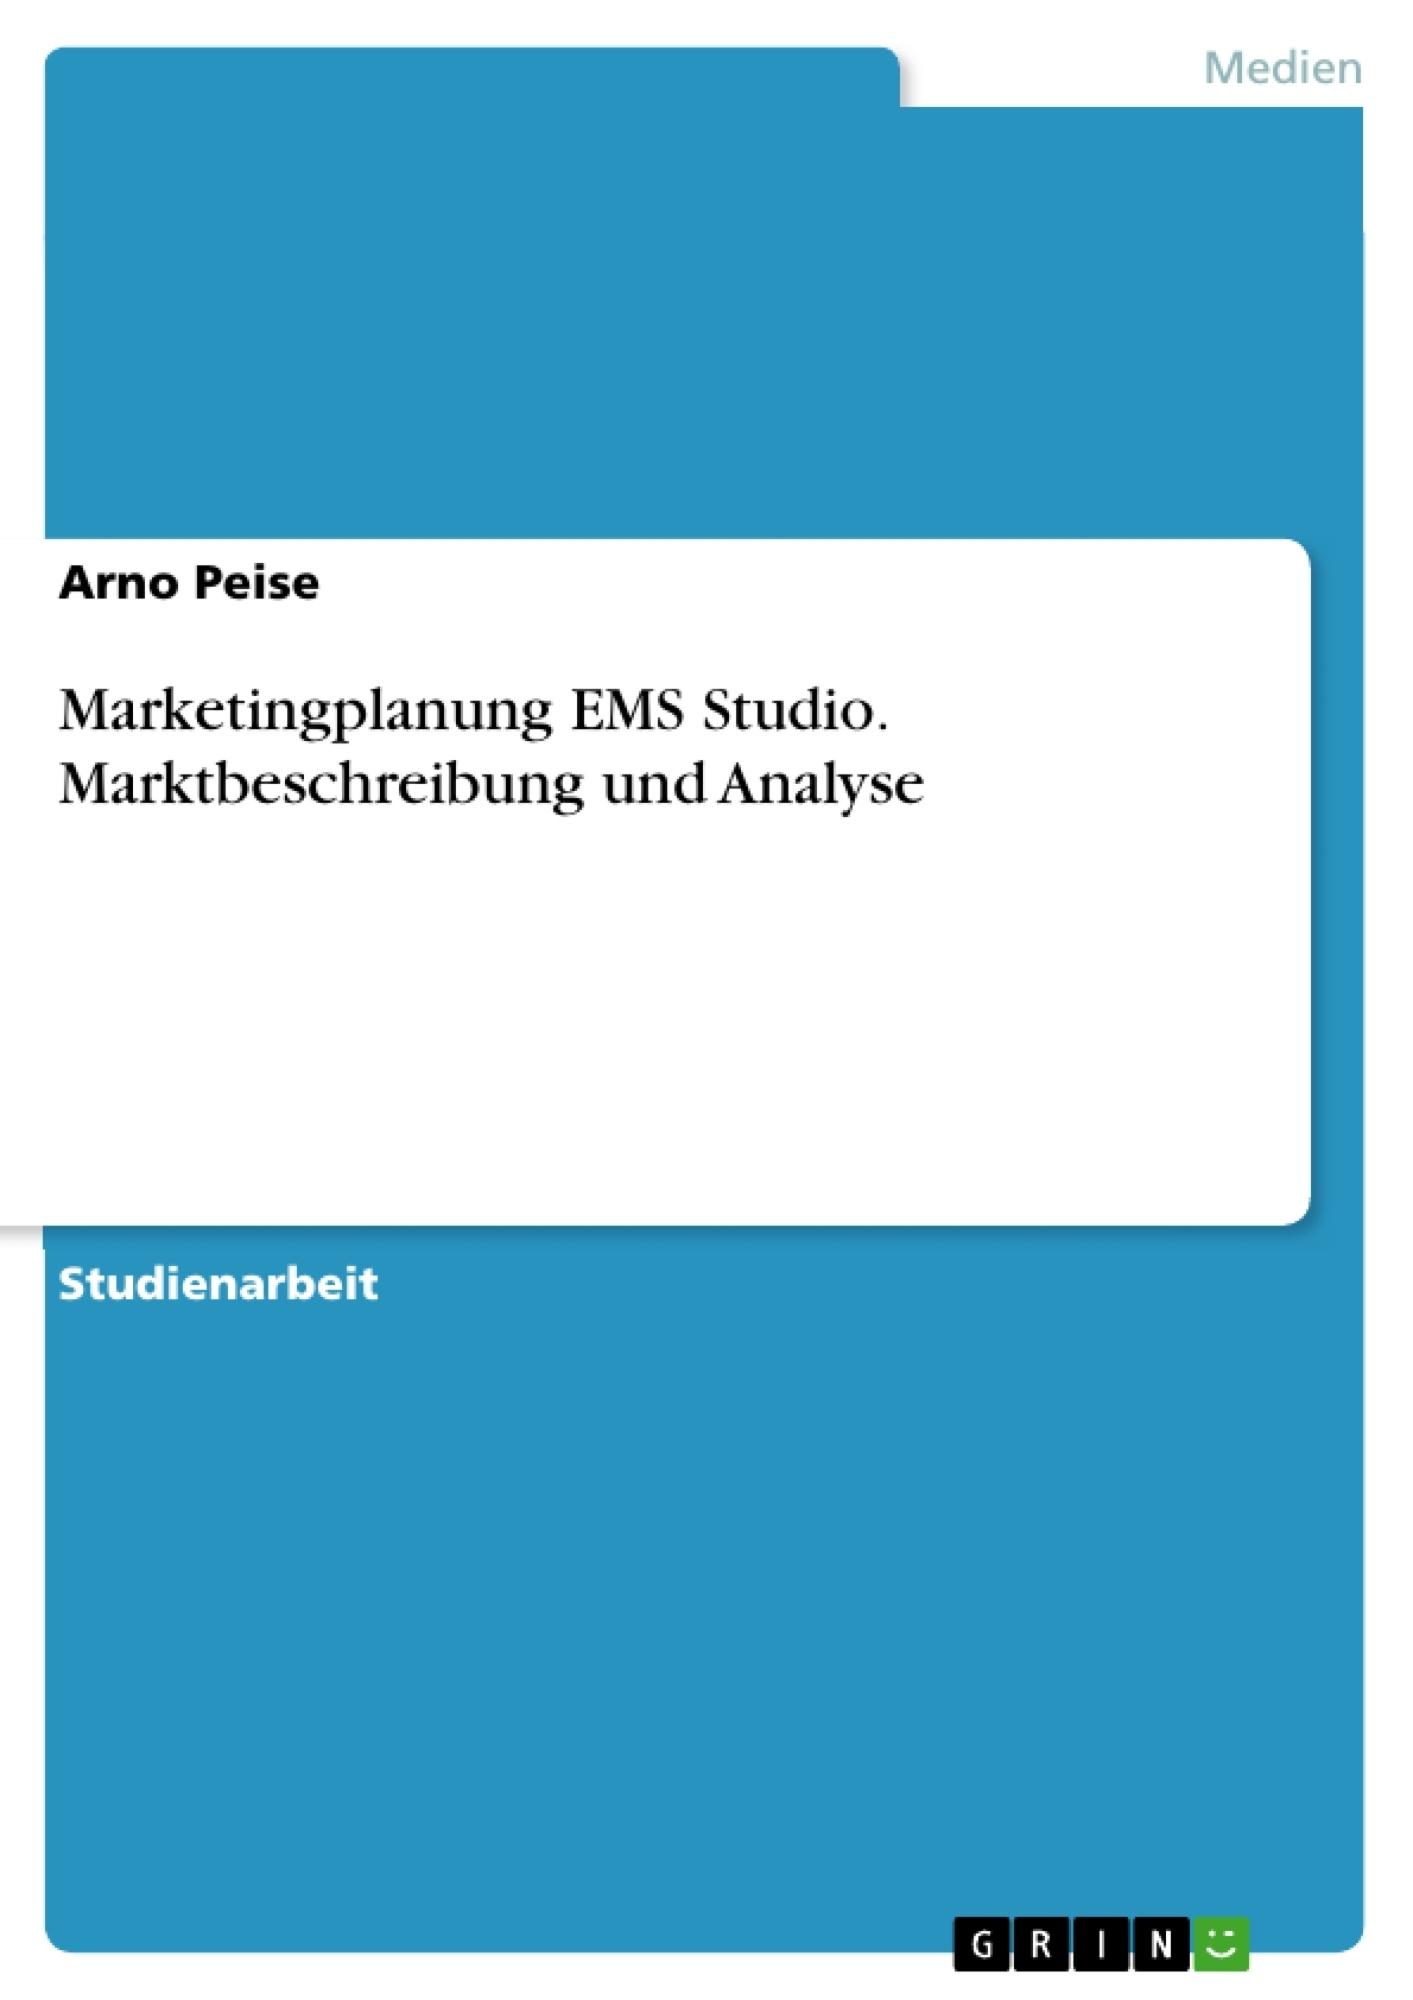 Titel: Marketingplanung EMS Studio. Marktbeschreibung und Analyse